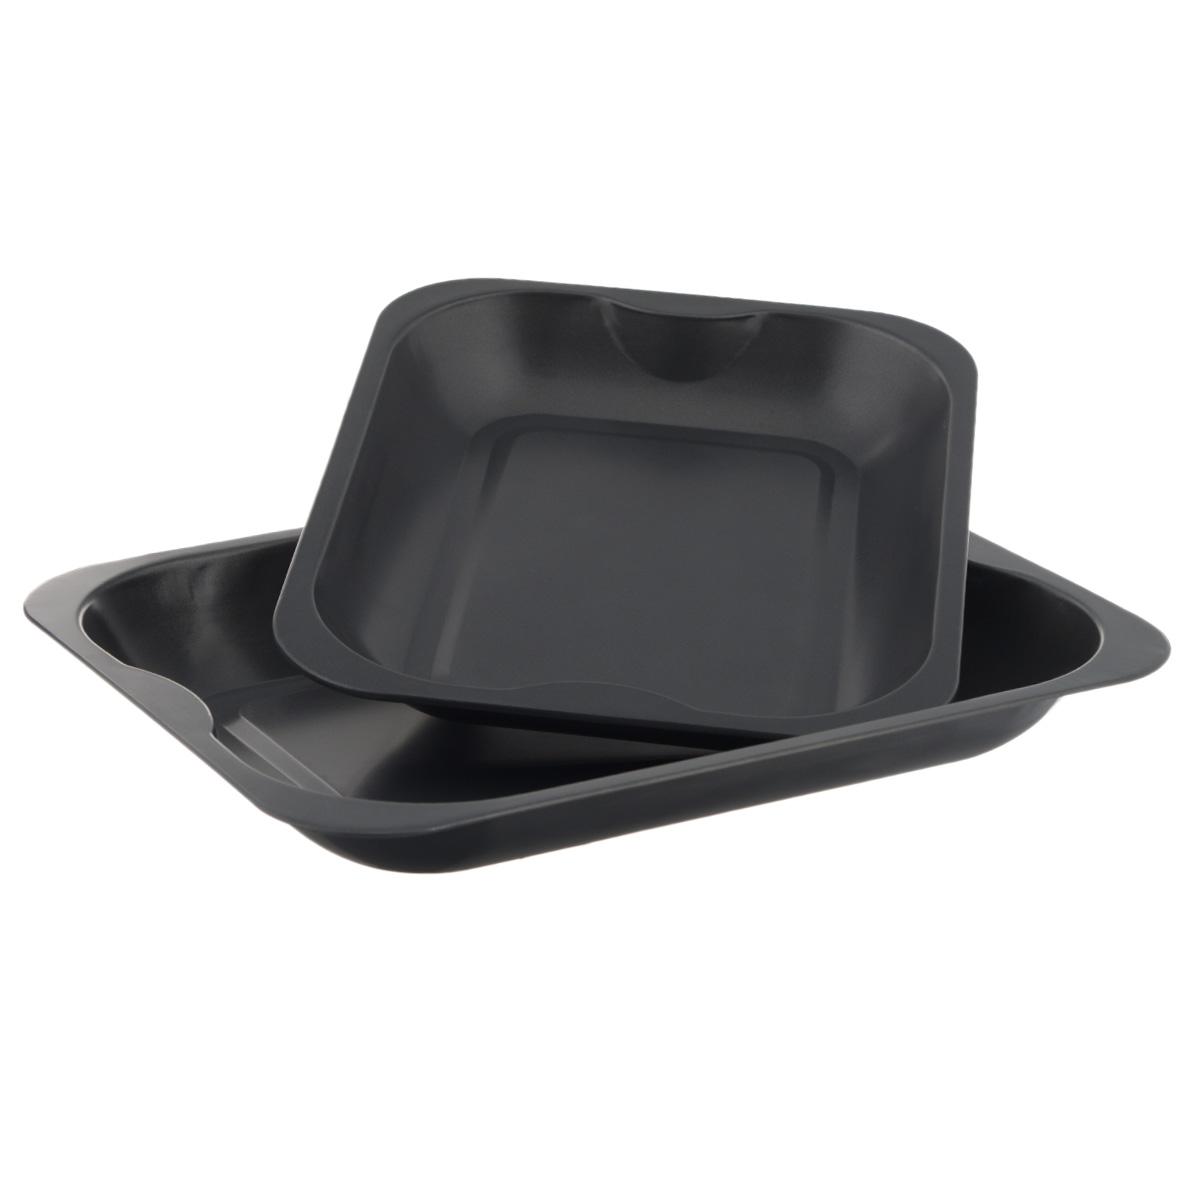 Набор противней Mayer & Boch, с антипригарным покрытием, прямоугольные, 2 шт21919Набор Mayer & Boch состоит из двух противней разного размера. Противни изготовлены из углеродистой стали с антипригарным покрытием, благодаря чему пища не пригорает и не прилипает к стенкам посуды. Кроме того, готовить можно с добавлением минимального количества масла и жиров. Антипригарное покрытие также обеспечивает легкость мытья. Внутренние боковые стенки ровные. Подходит для использования в духовом шкафу. Не подходит для СВЧ-печей. Рекомендуется ручная чистка. Используйте только деревянные и пластиковые лопатки. Размер малого противня (ДхШхВ): 32 см х 26 см х 4 см.Размер большого противня (ДхШхВ): 38,5 см х 30 см х 4,5 см.